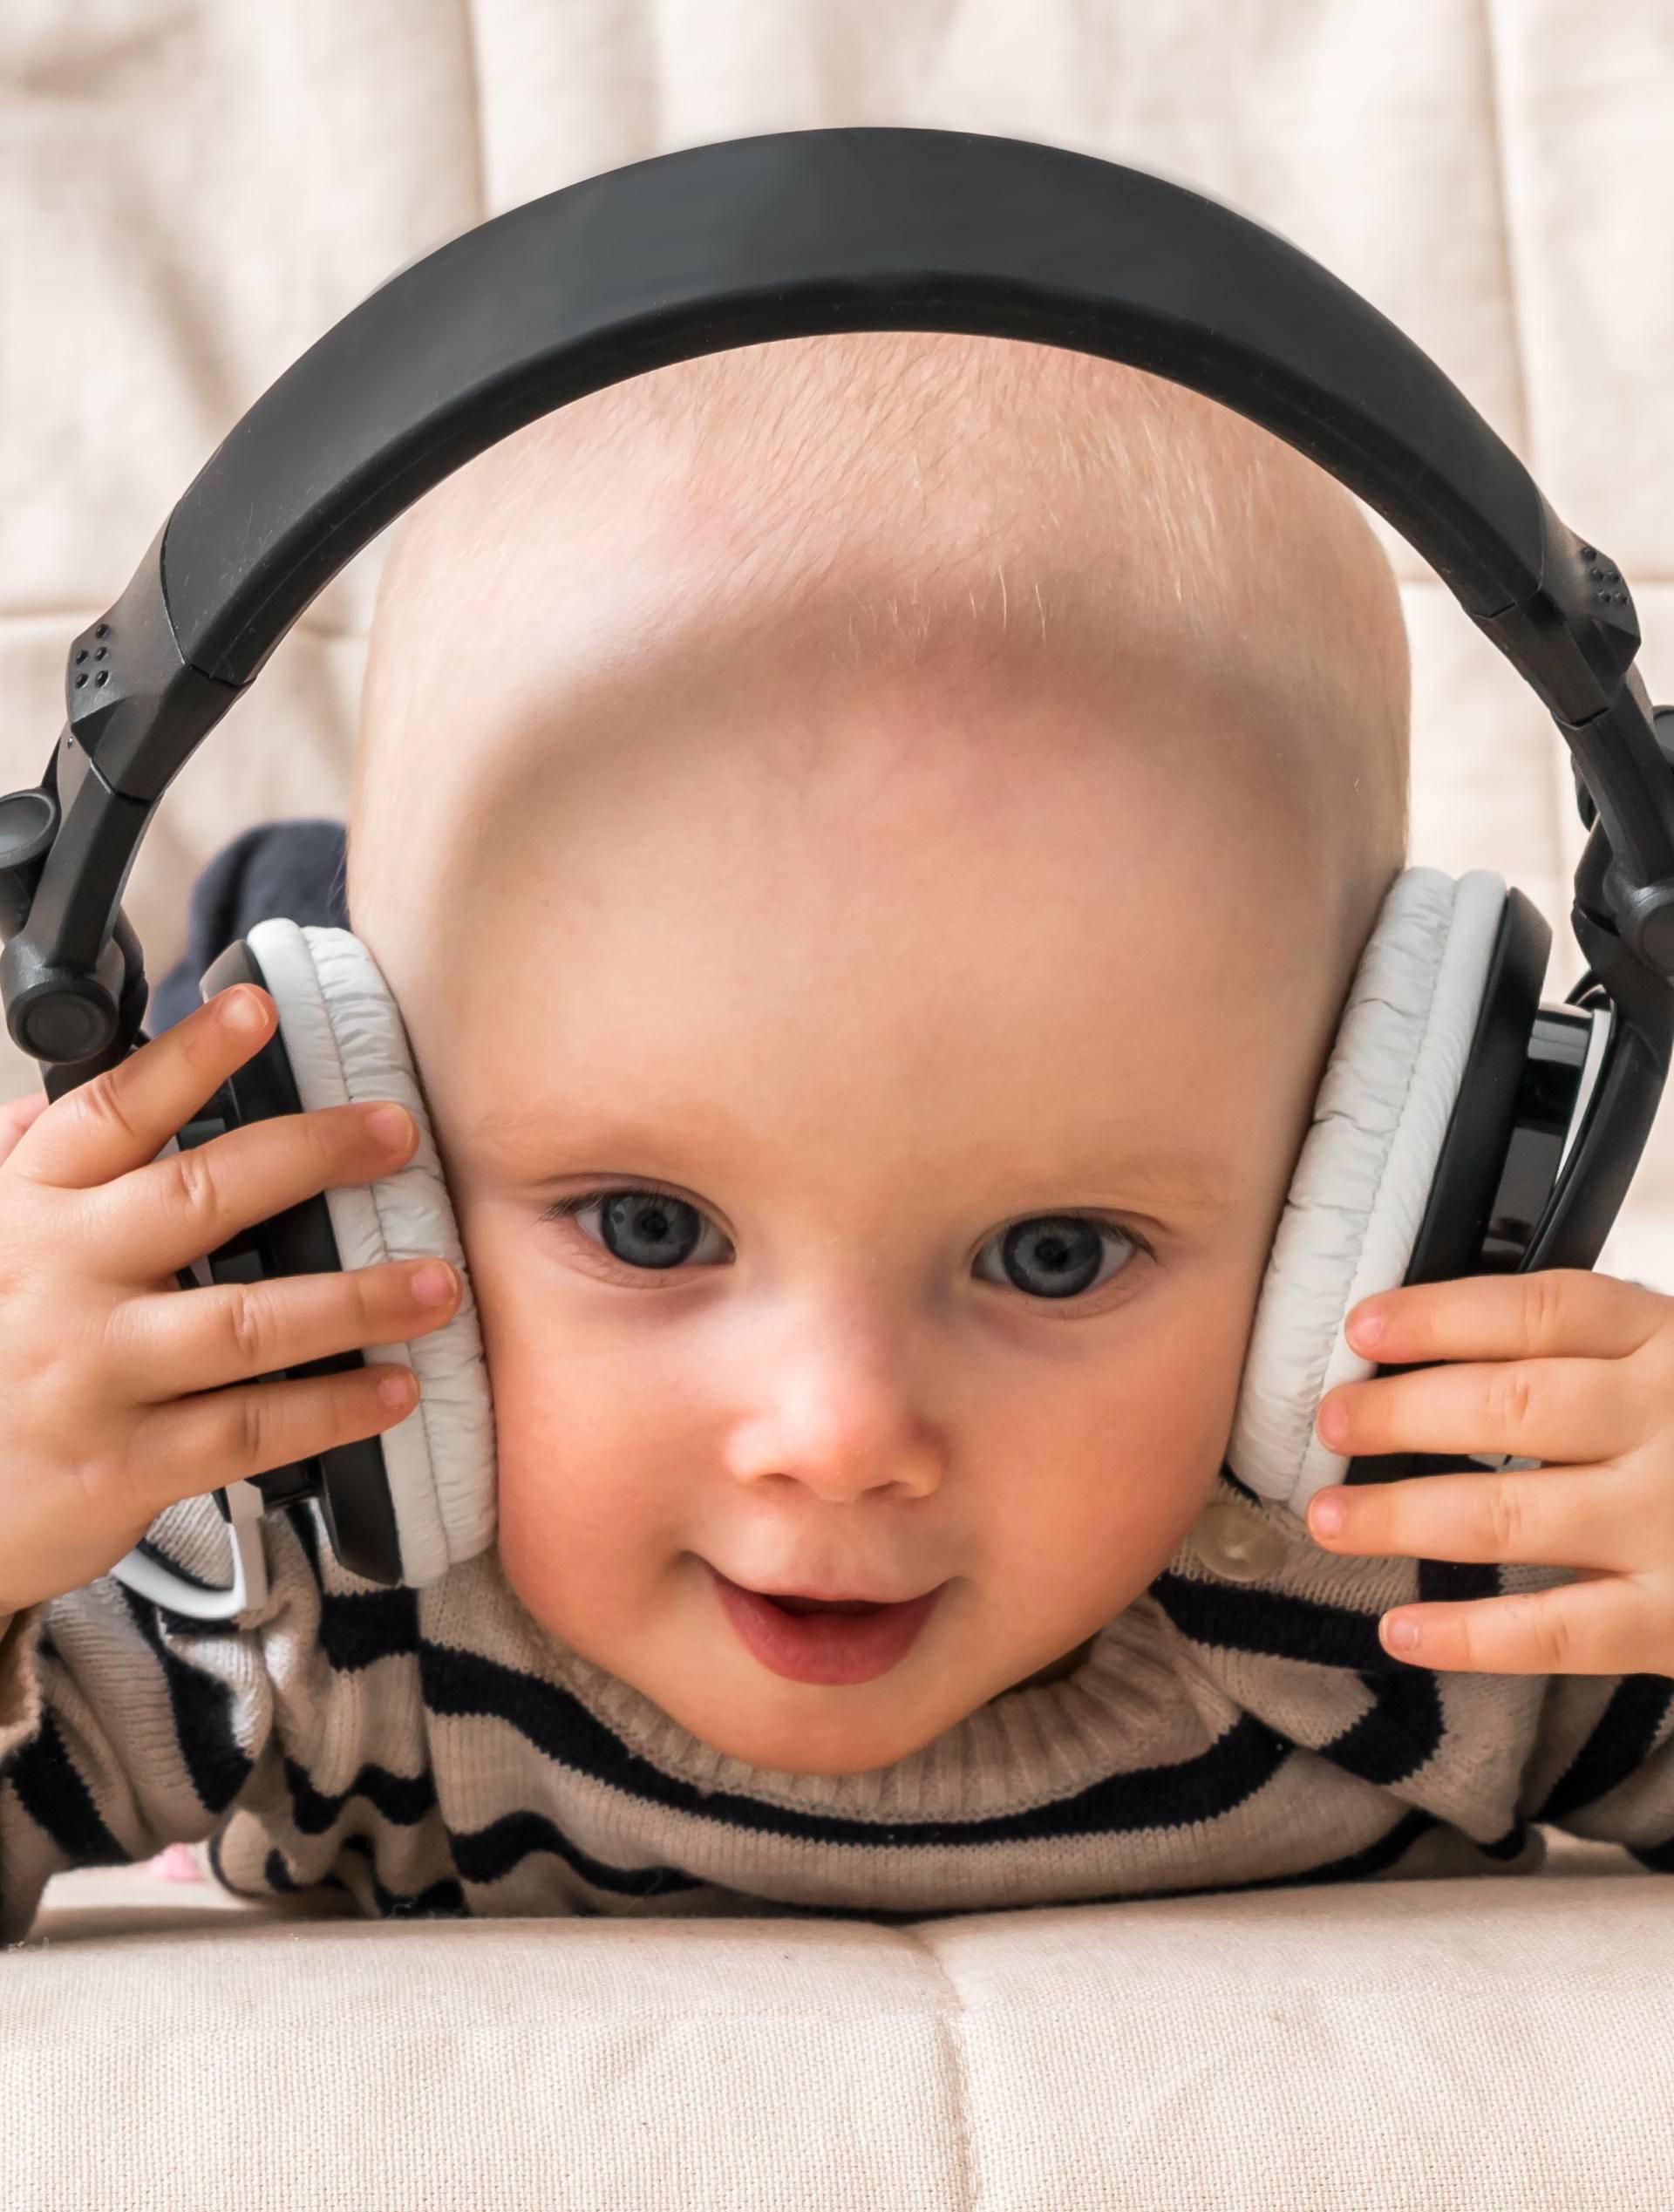 'Autizam se otkriva kod beba - posebnim testiranjem sluha'